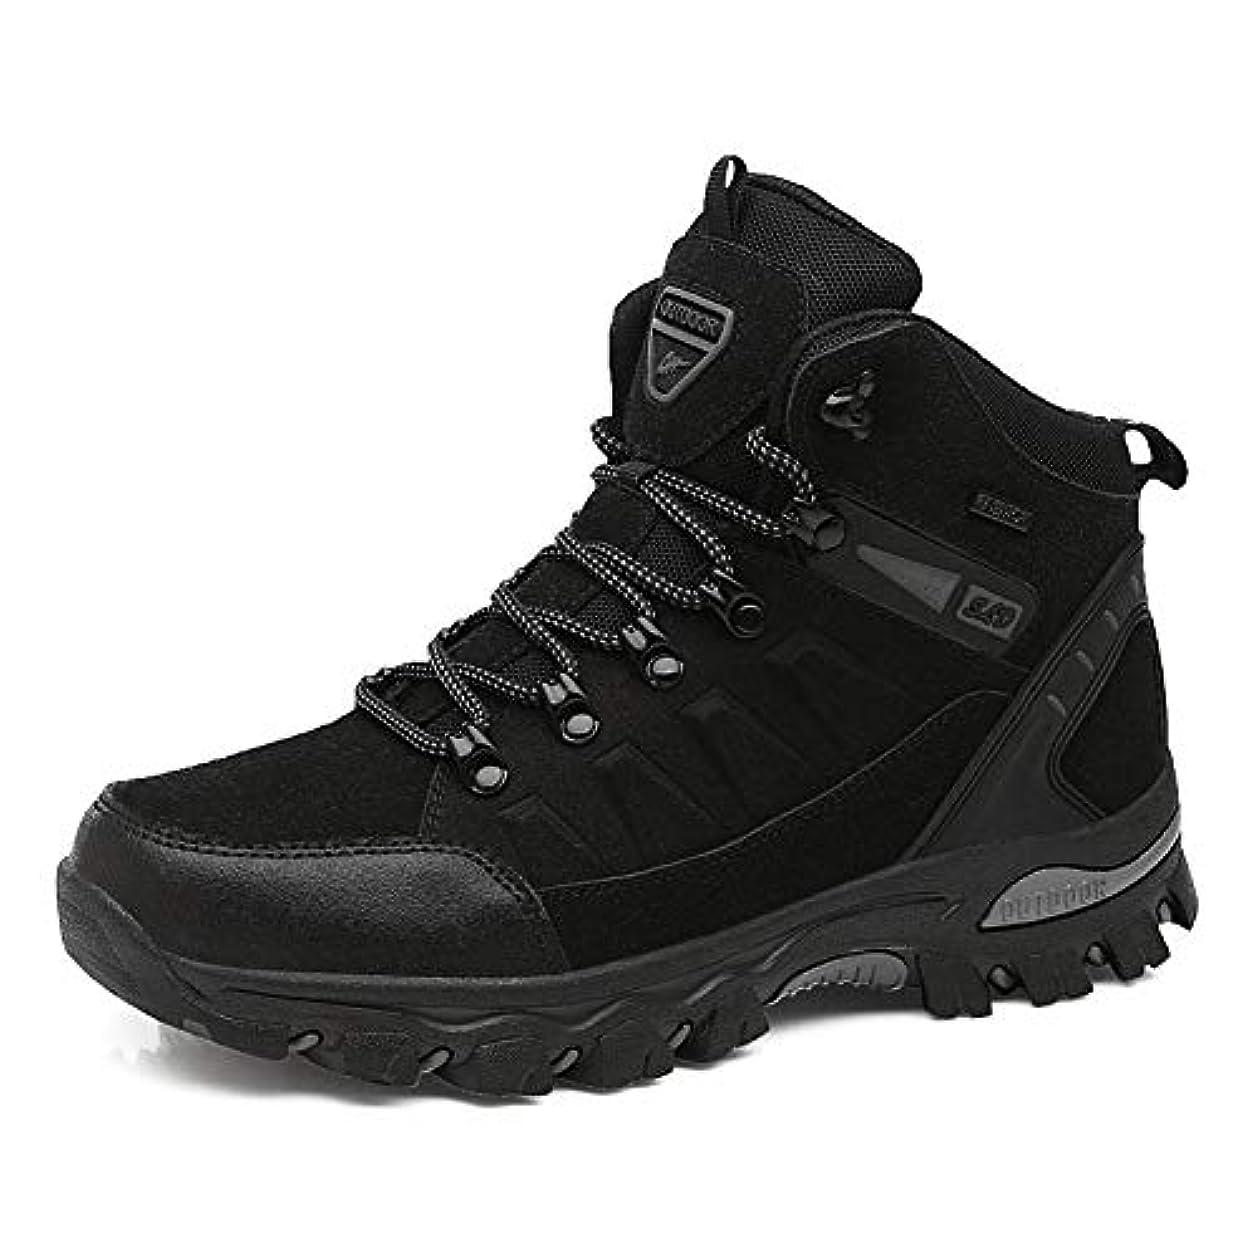 期限幅所属[TcIFE] トレッキングシューズ メンズ 防水 防滑 ハイカット 登山靴 大きいサイズ ハイキングシューズ メンズ 耐磨耗 ハイキングシューズ メンズ 通気性 スニーカー